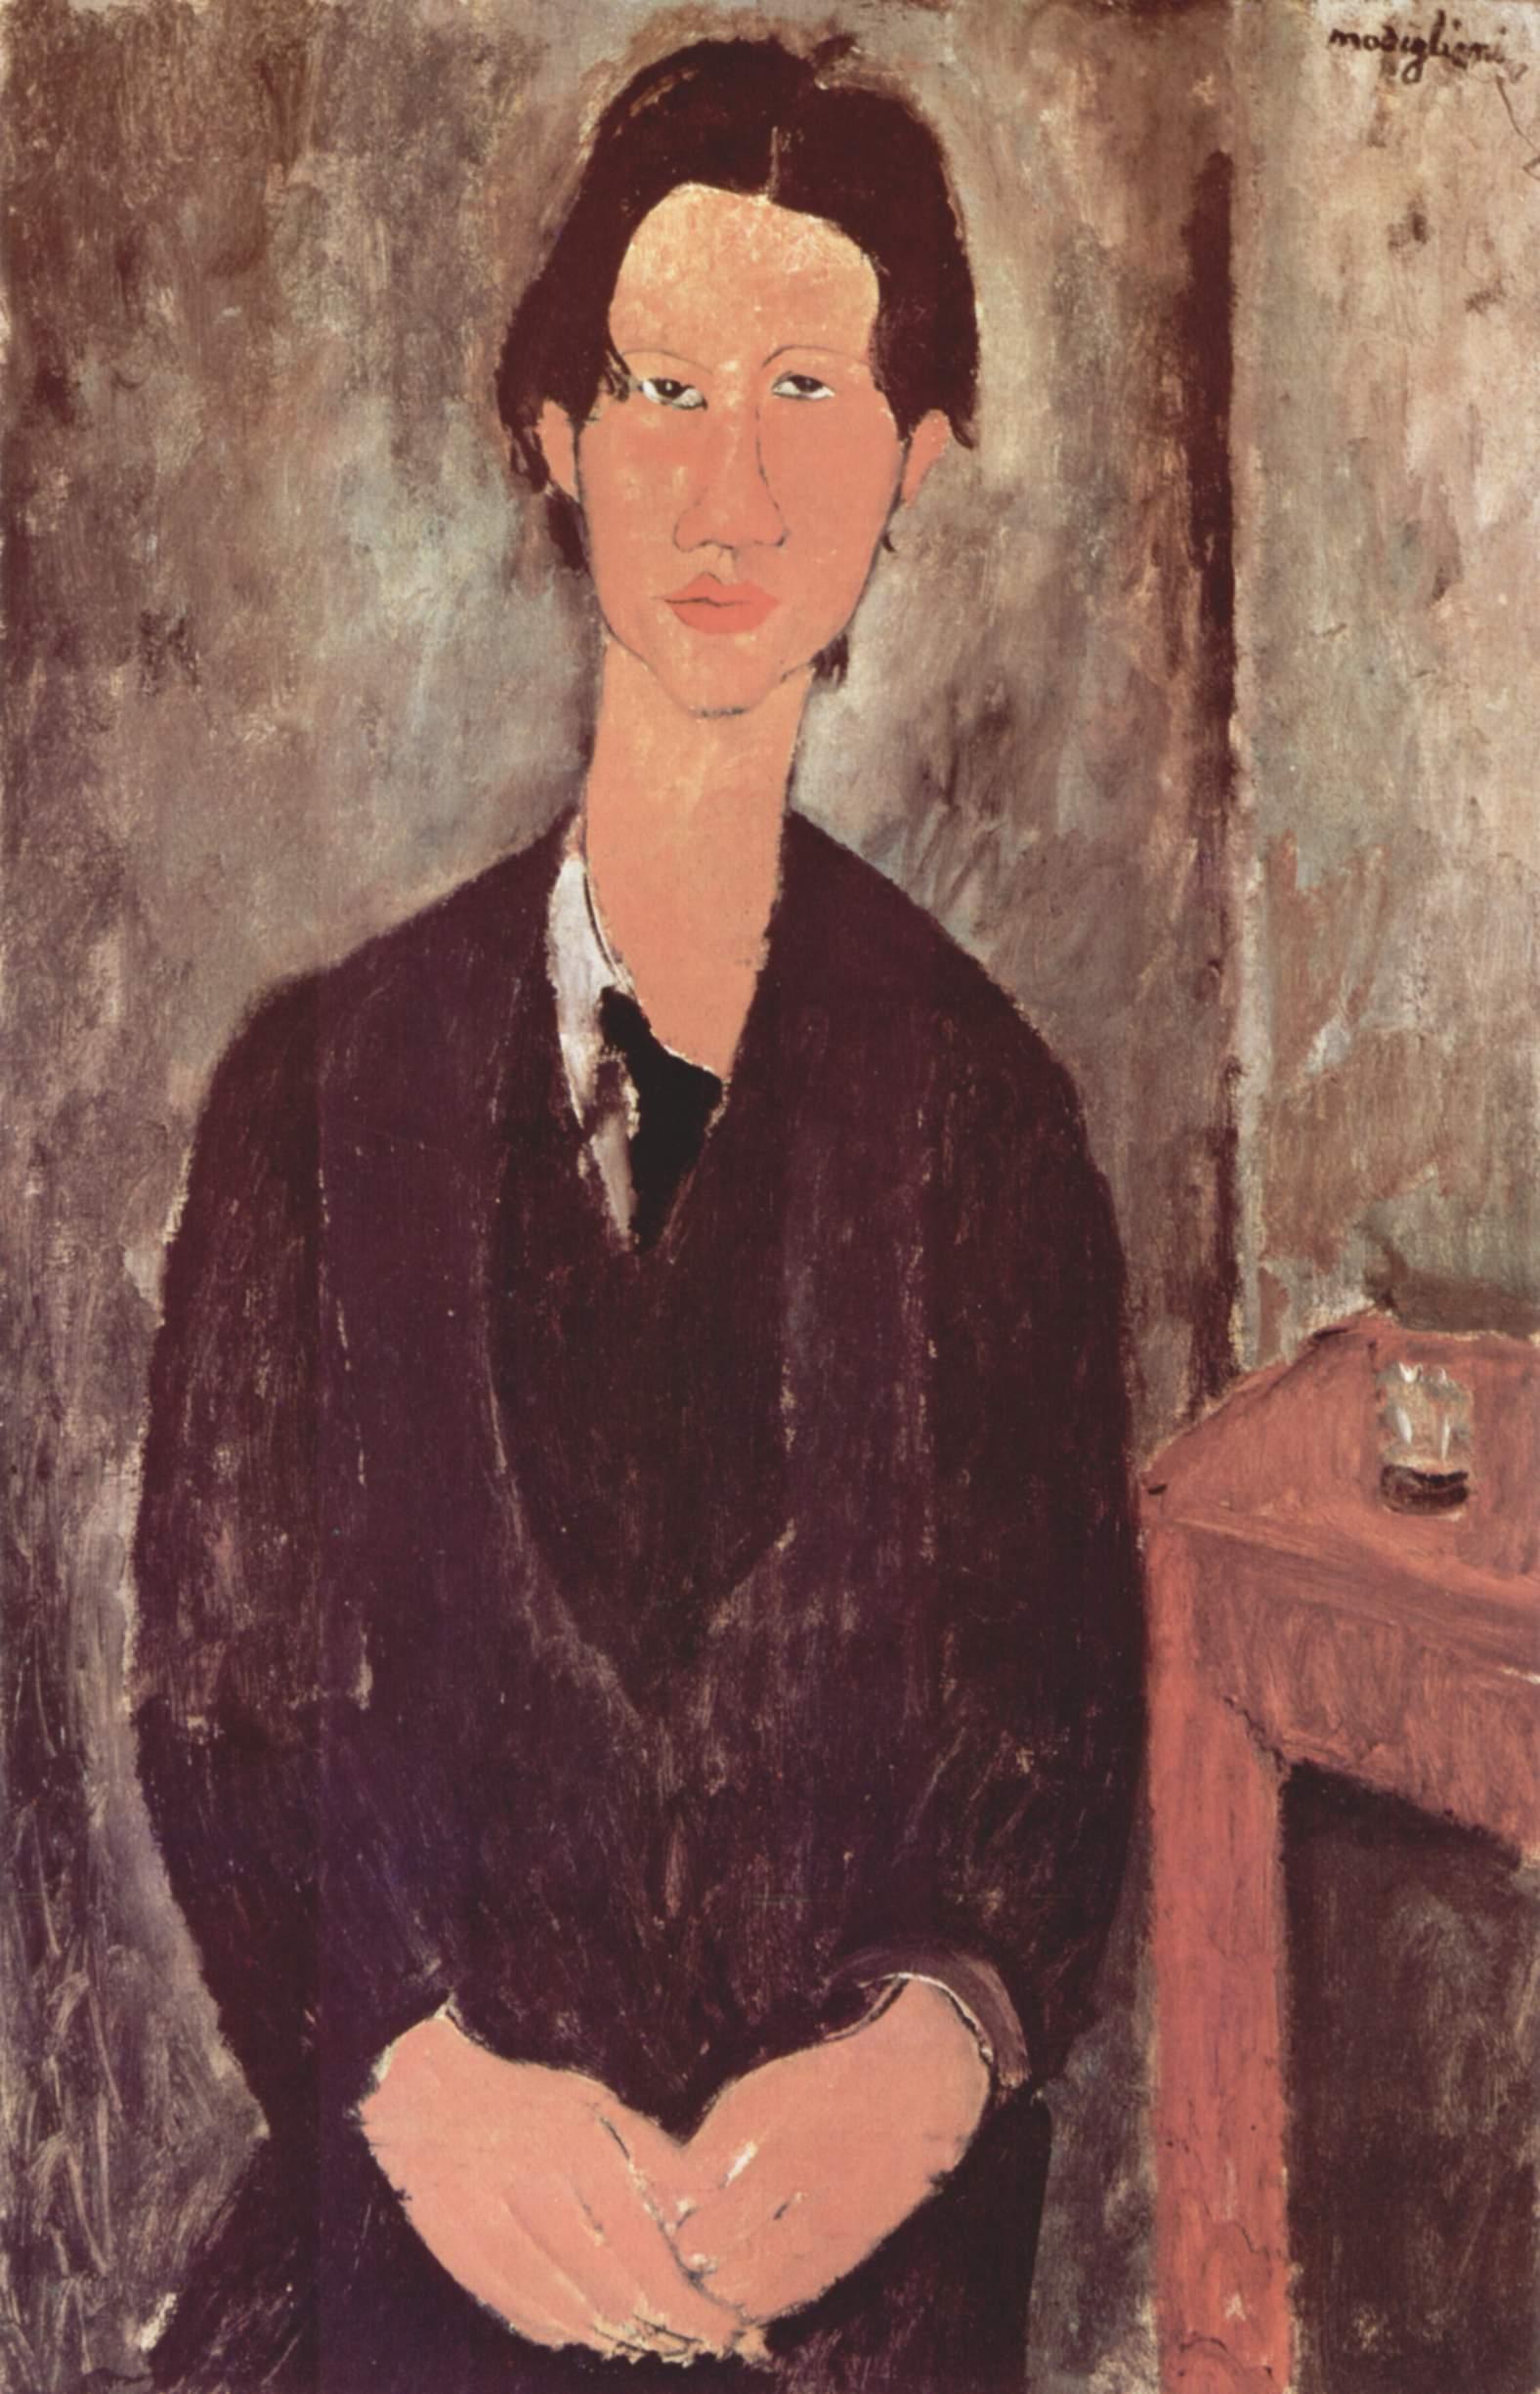 Amedeo_Modigliani_037.jpg